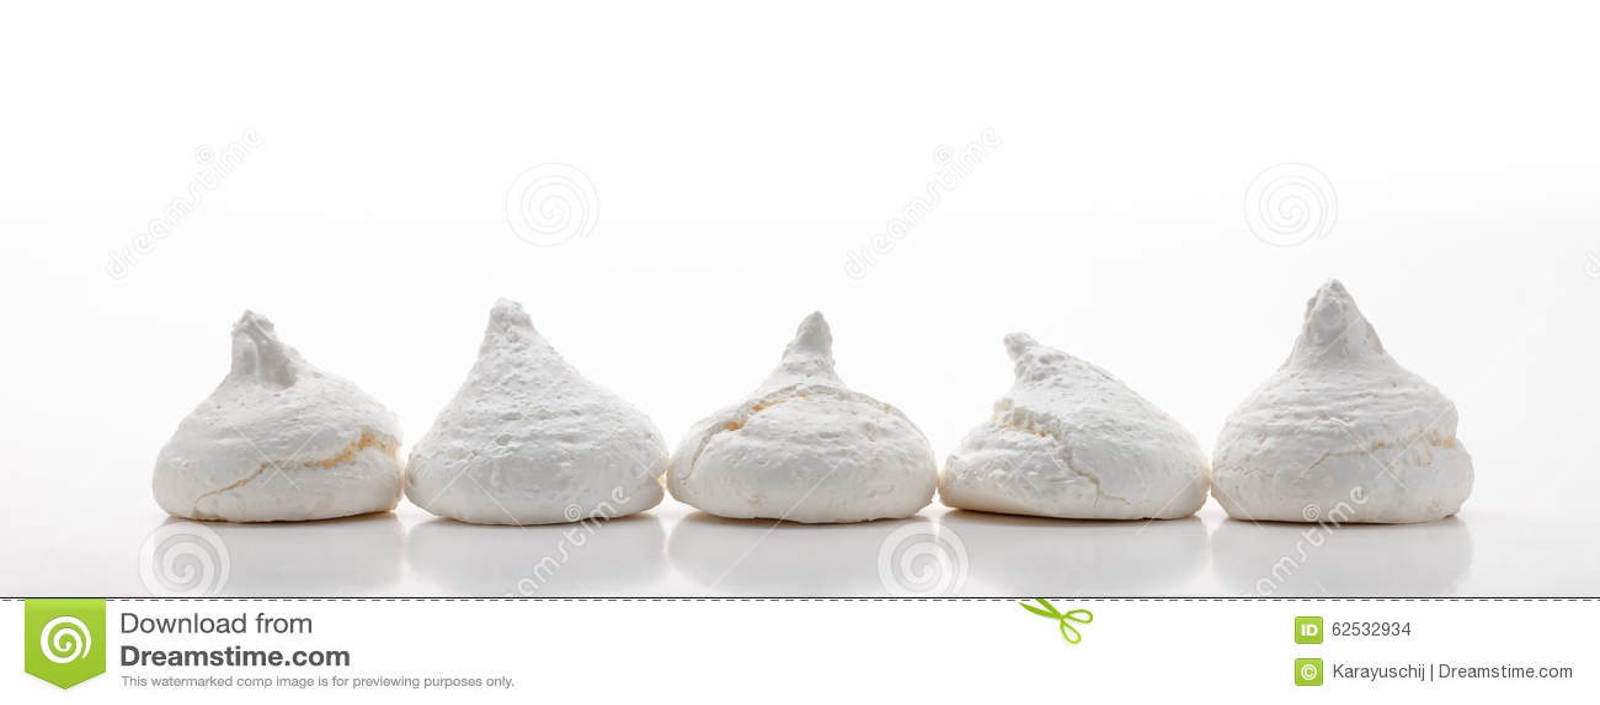 五白色法国蛋白甜饼